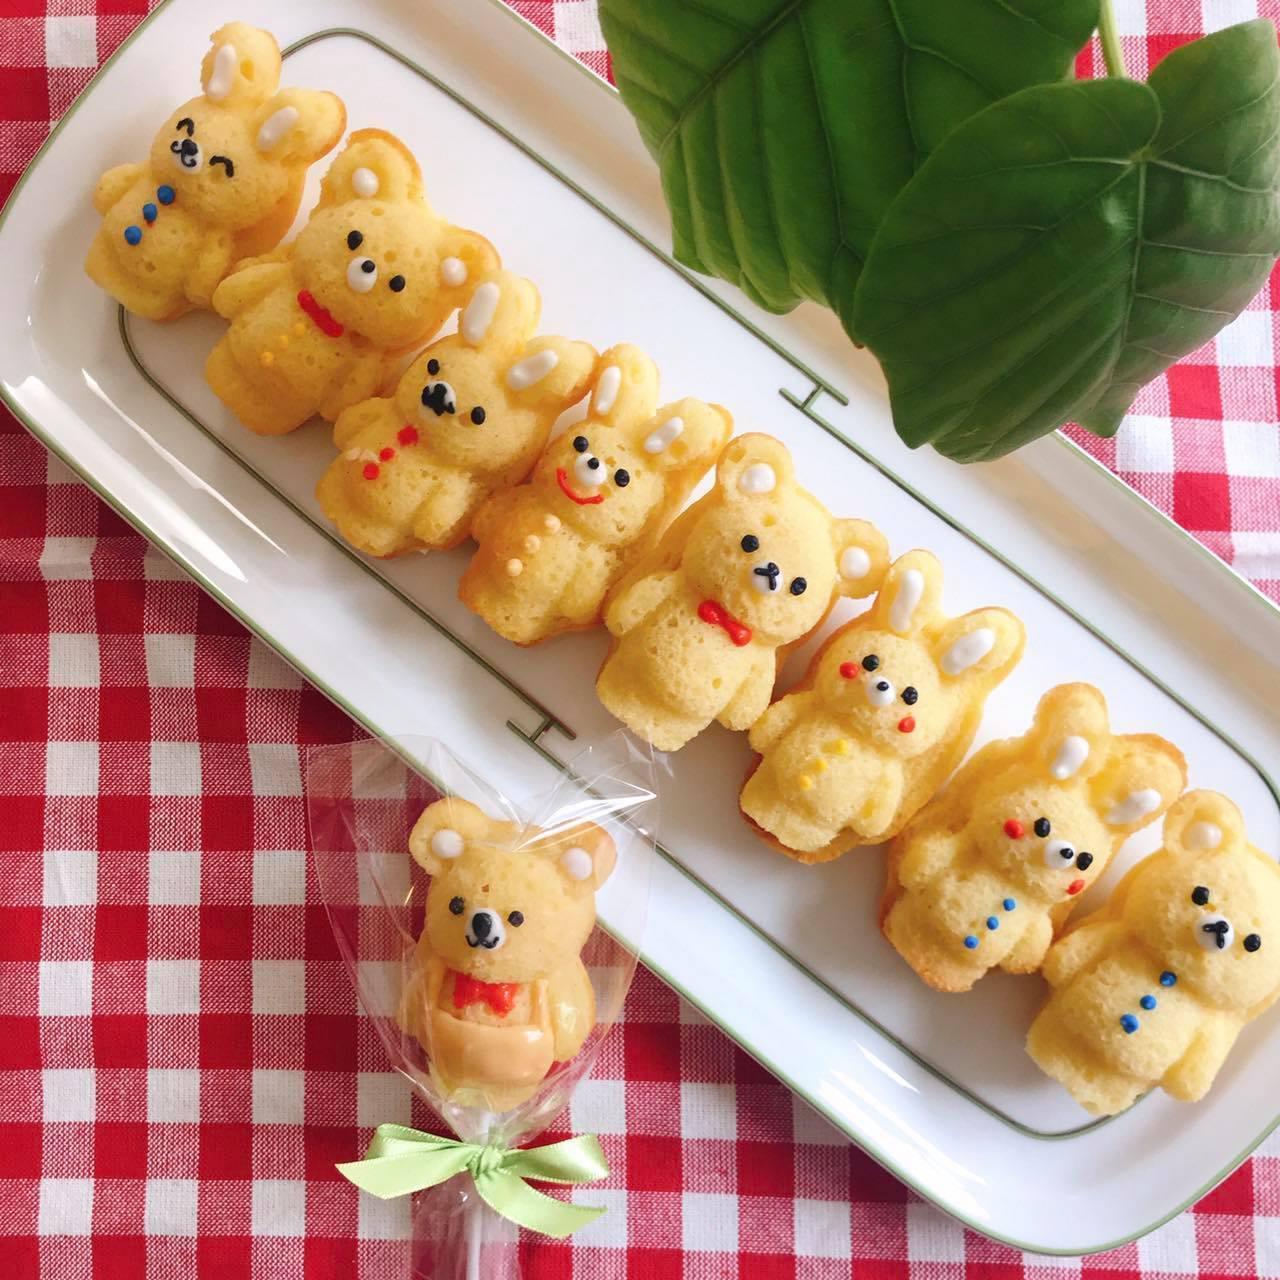 わくわくKIDSファクトリー-ケーキ工場でアニマルケーキ作り-【武蔵小杉】2019年5月3日(金祝)